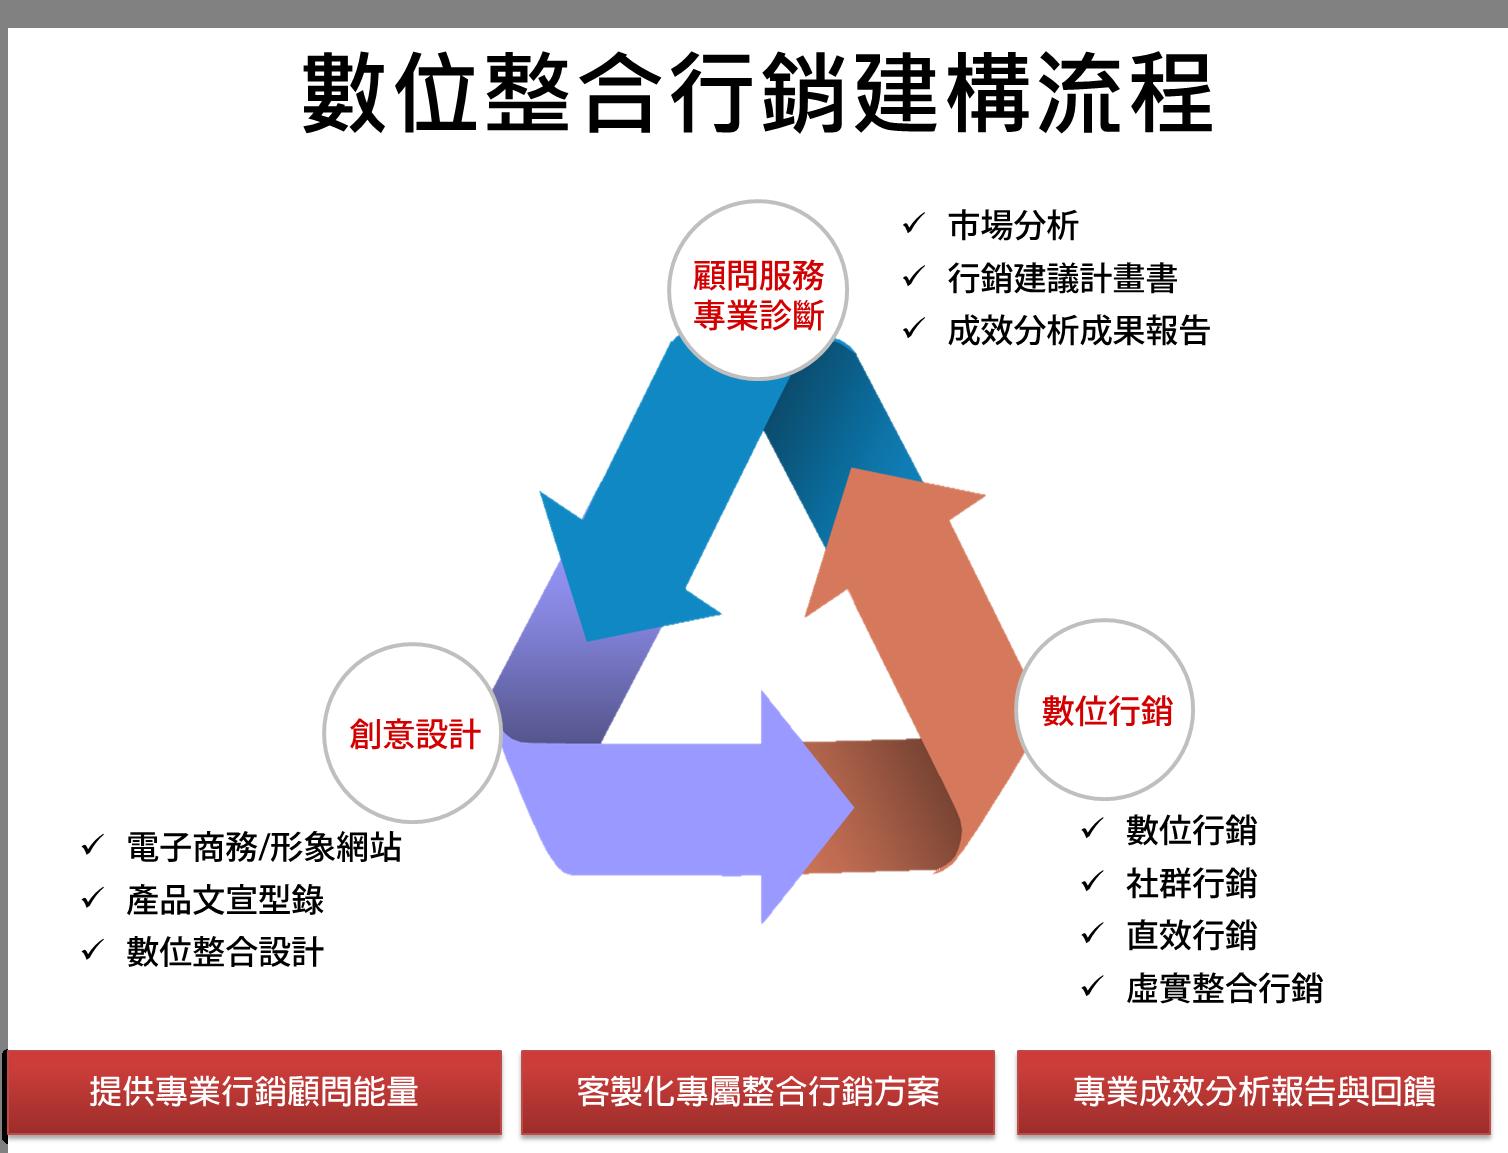 數位整合行銷建構流程